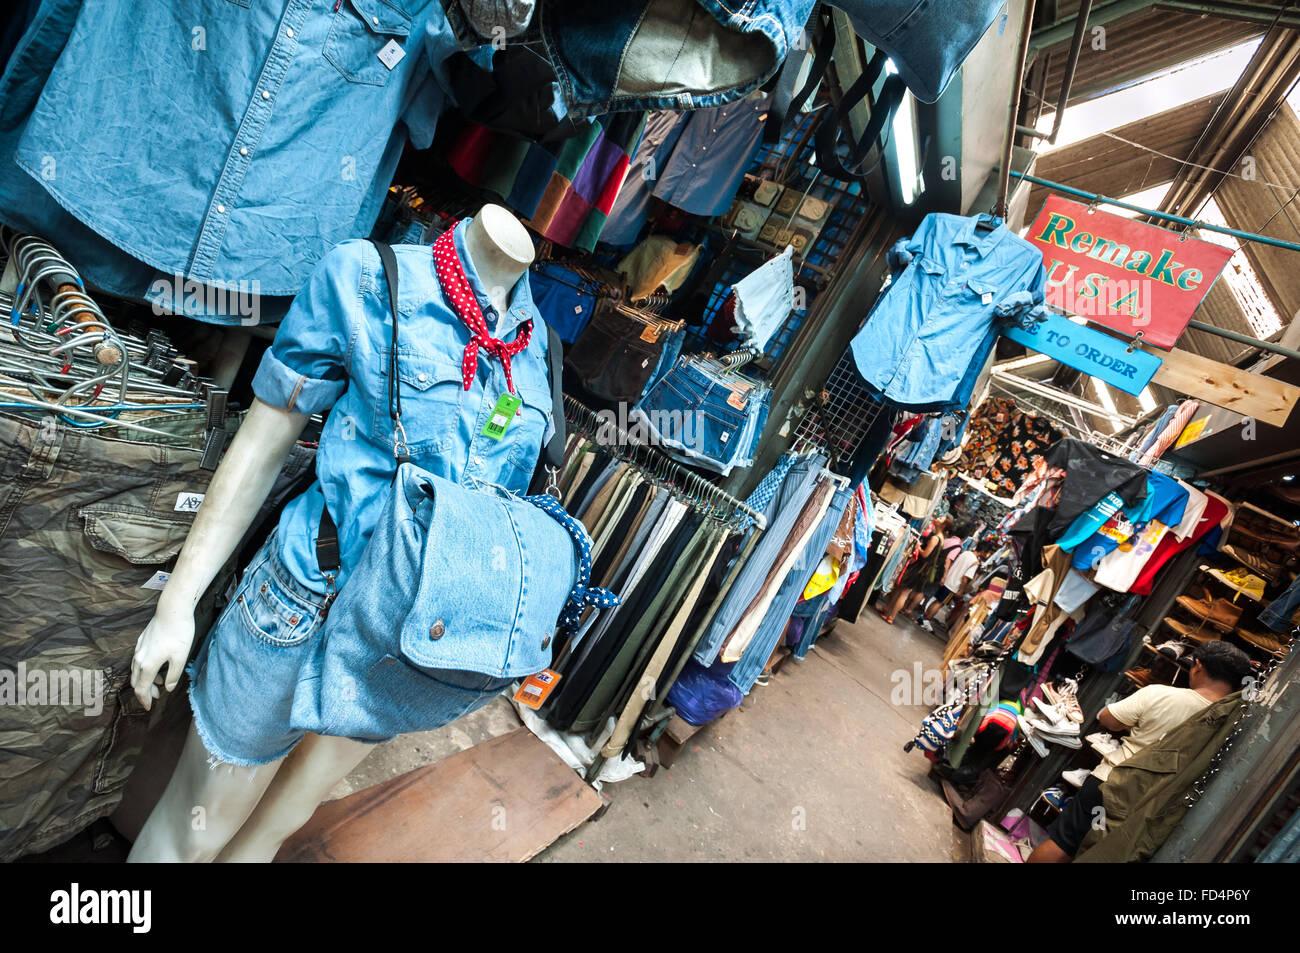 Vintage denim clothing at Chatuchak Weekend Market, Bangkok - Stock Image